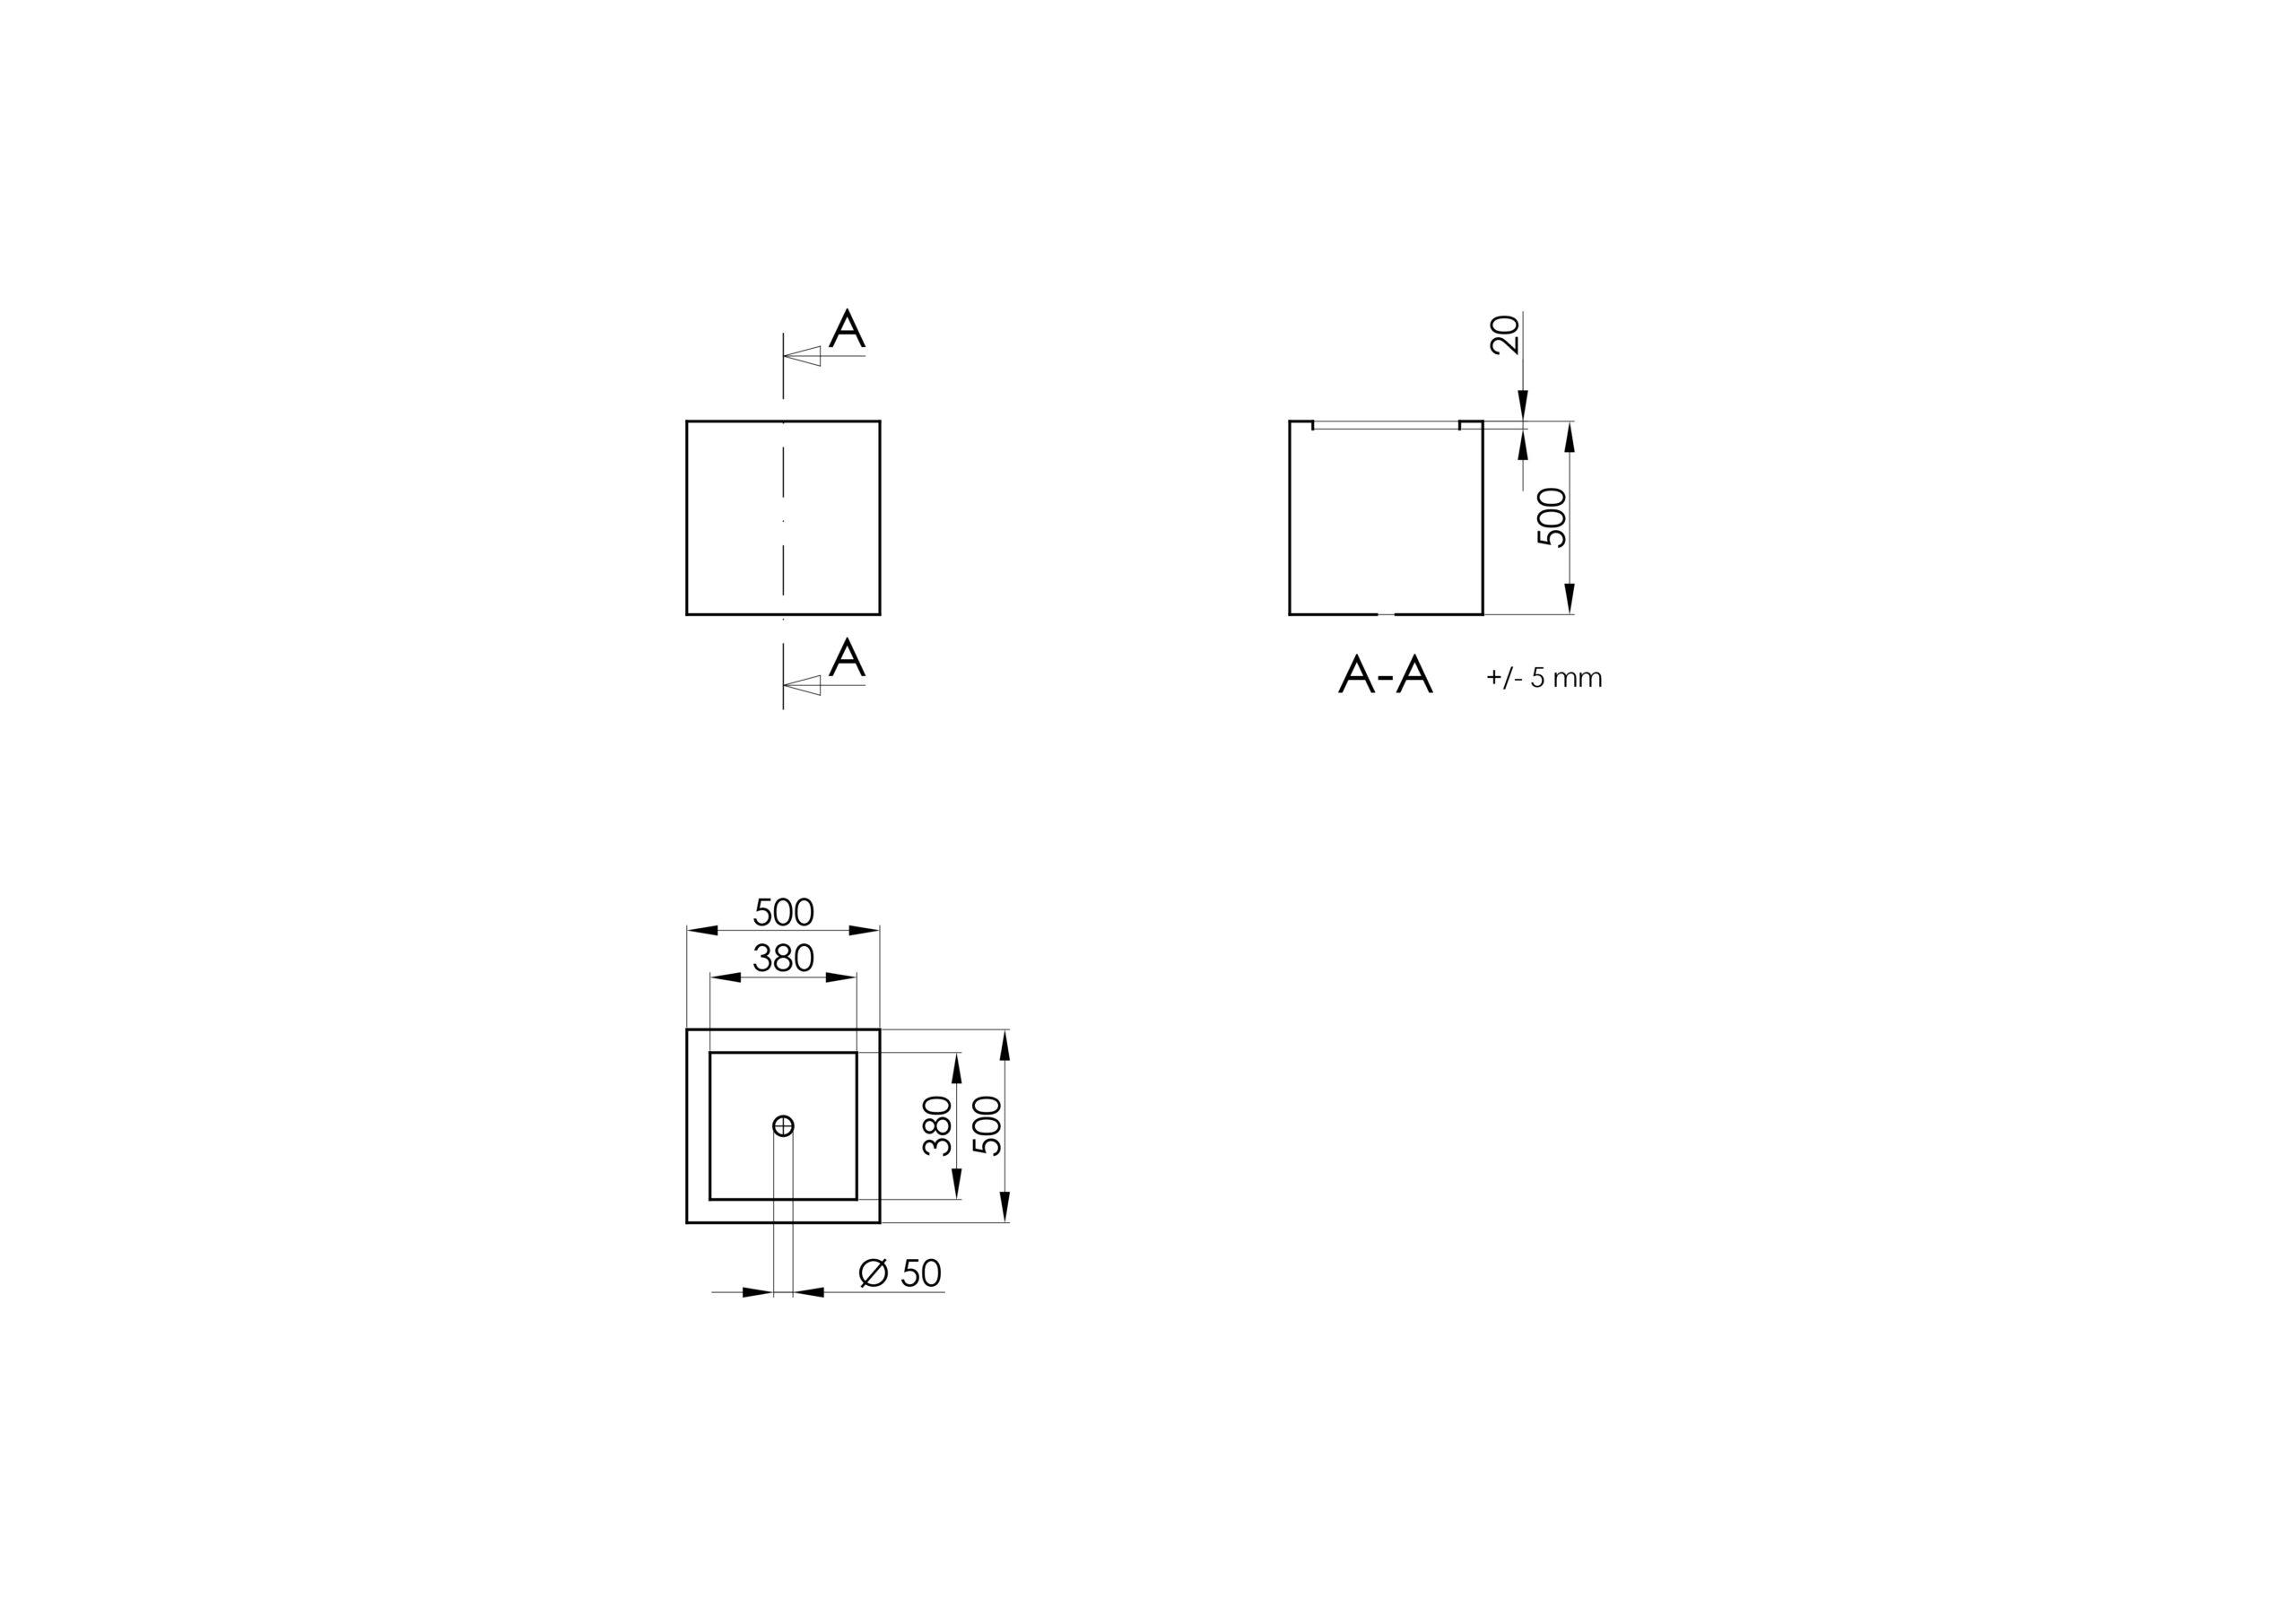 Antonio 2 - Technisches Zeichnen